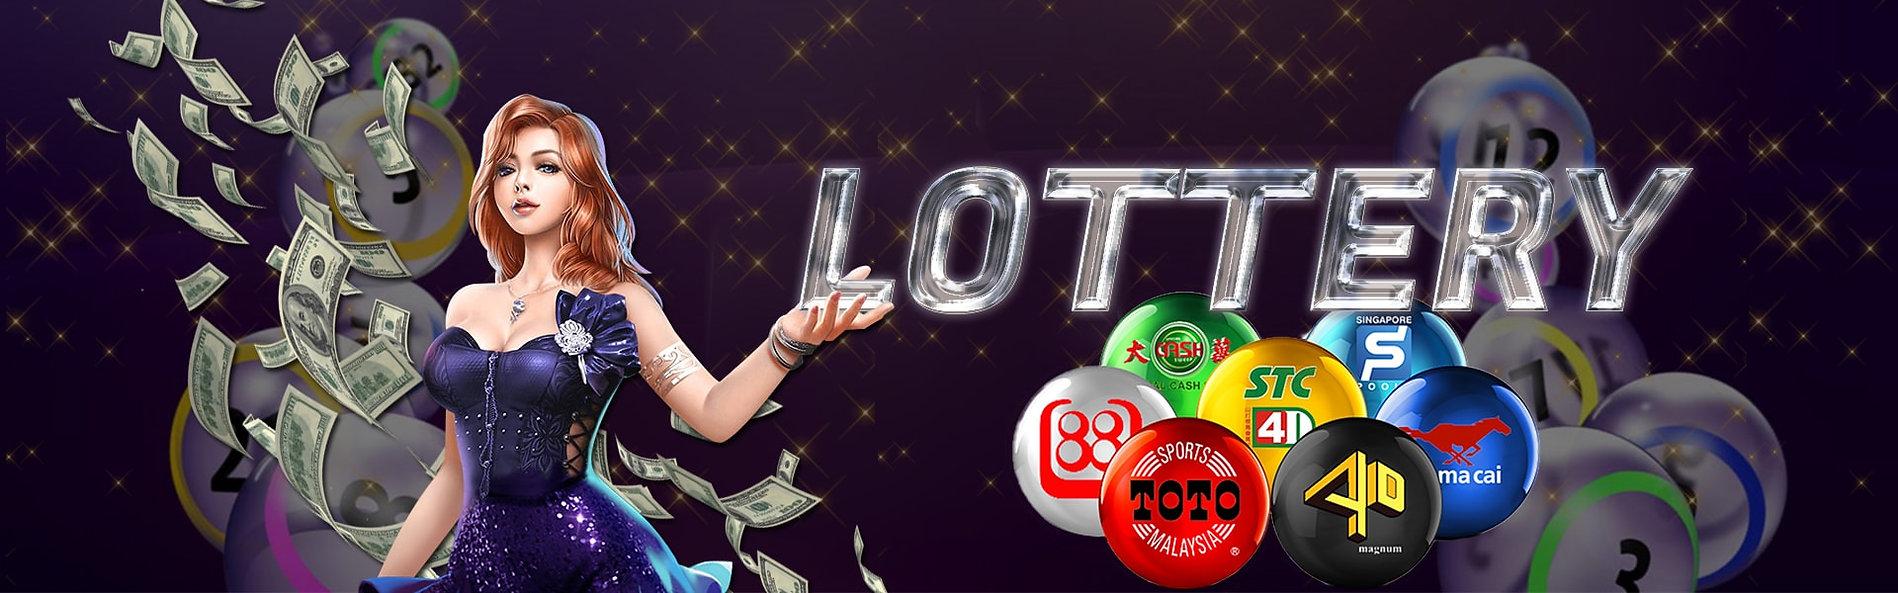 lottery-min.jpg